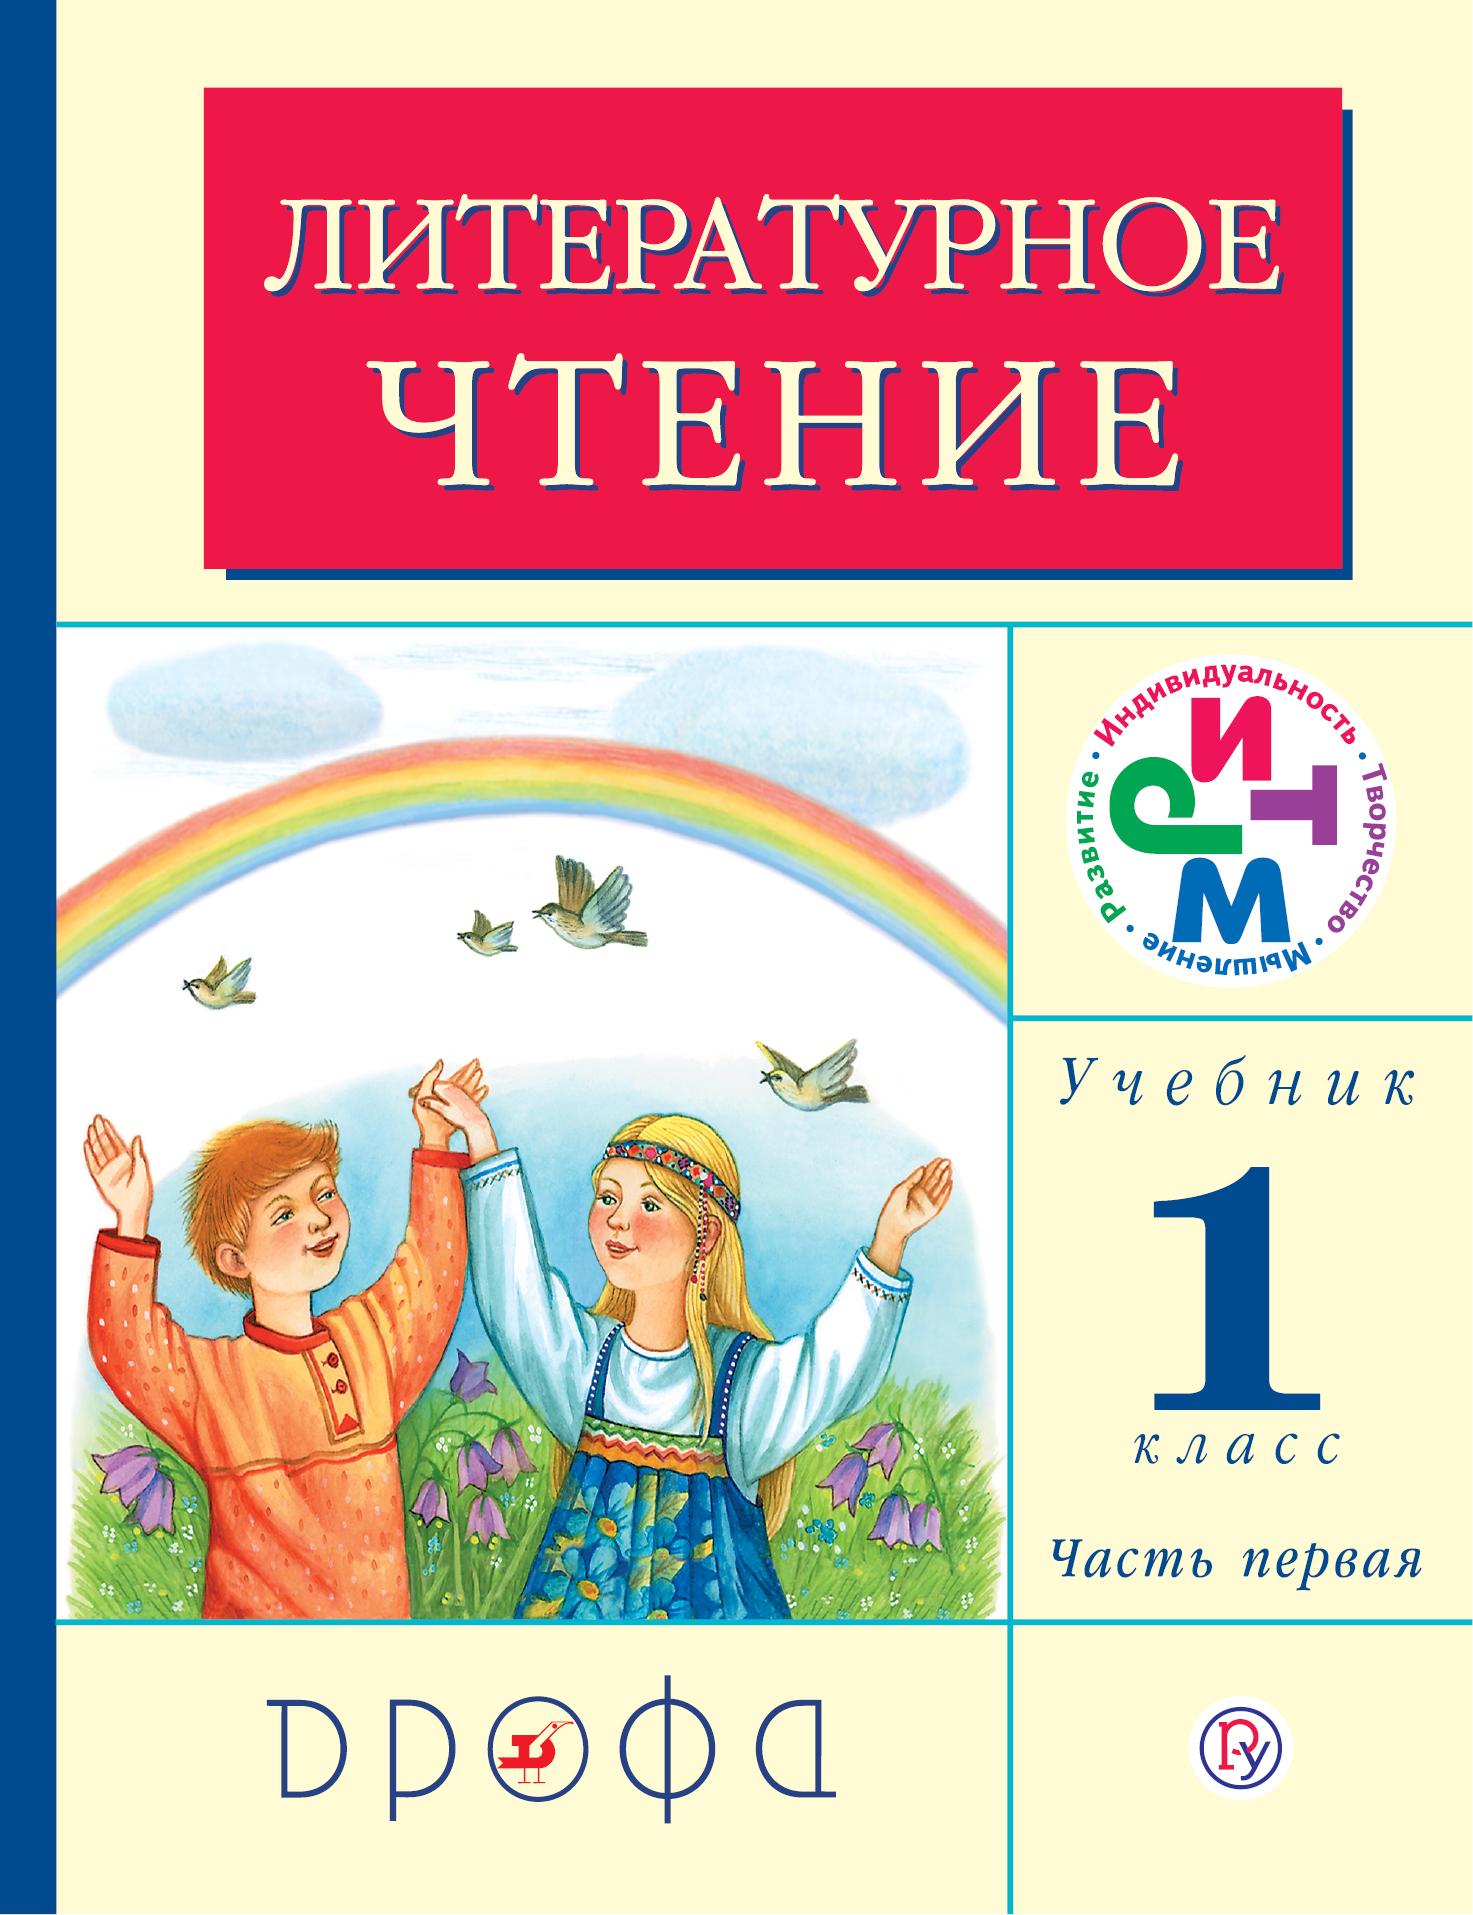 Г. М. Грехнева, К. Е. Корепова Литературное чтение. 1 класс. Учебник. В 2 частях. Часть 1 г м грехнева к е корепова литературное чтение 4 класс учебник в 3 частях часть 2